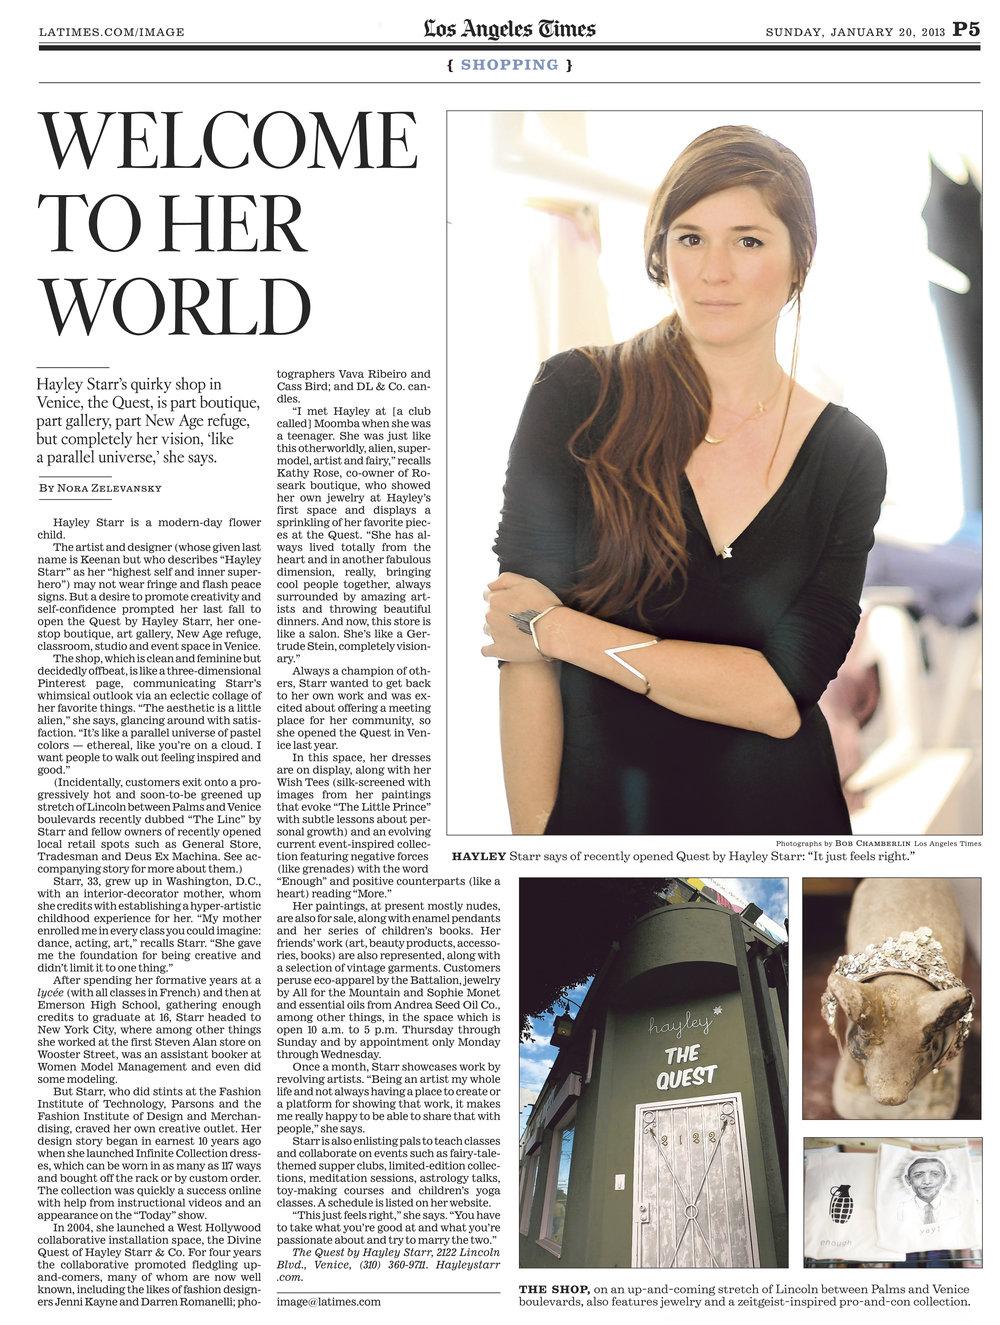 LA Times- by Nora Zelevansky (2003)